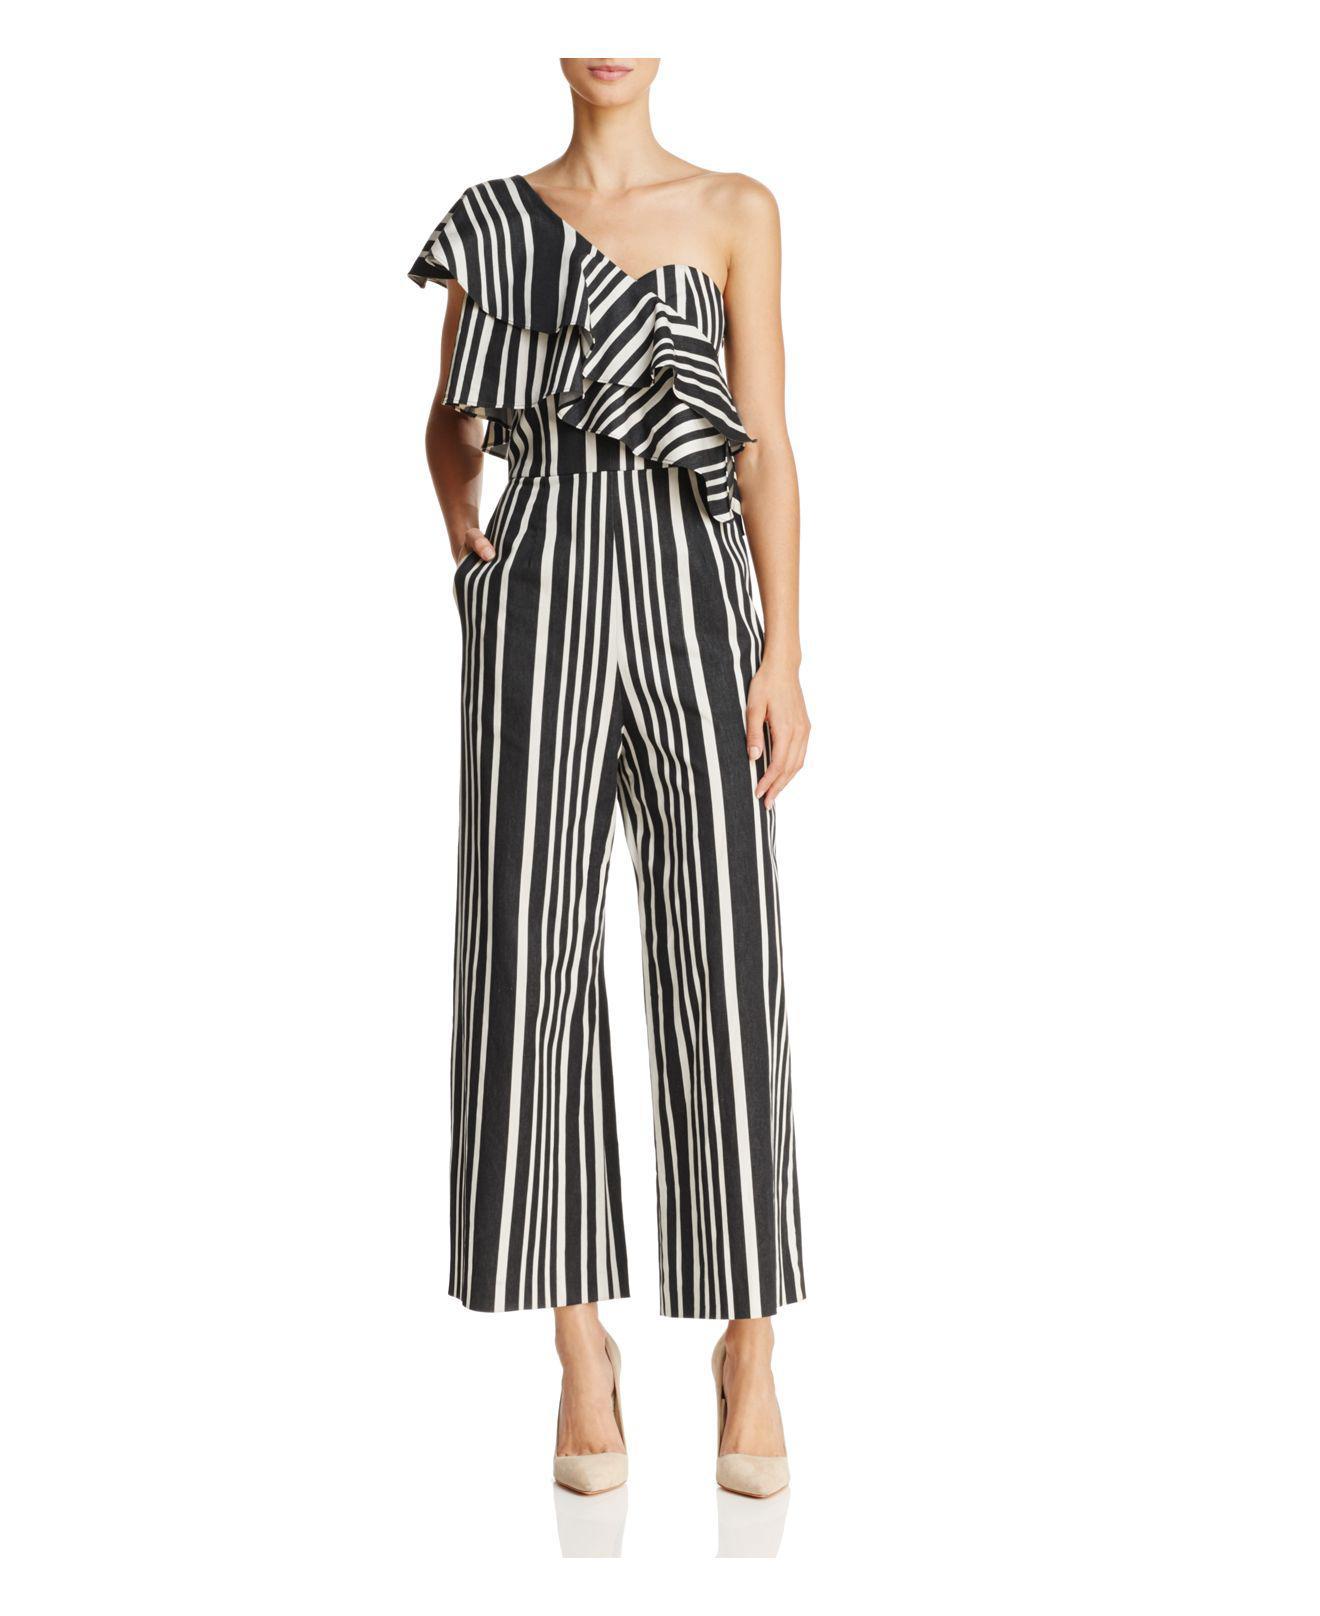 e5baffae8bcd Lyst - Alice + Olivia Sabeen One-shoulder Striped Jumpsuit in Black